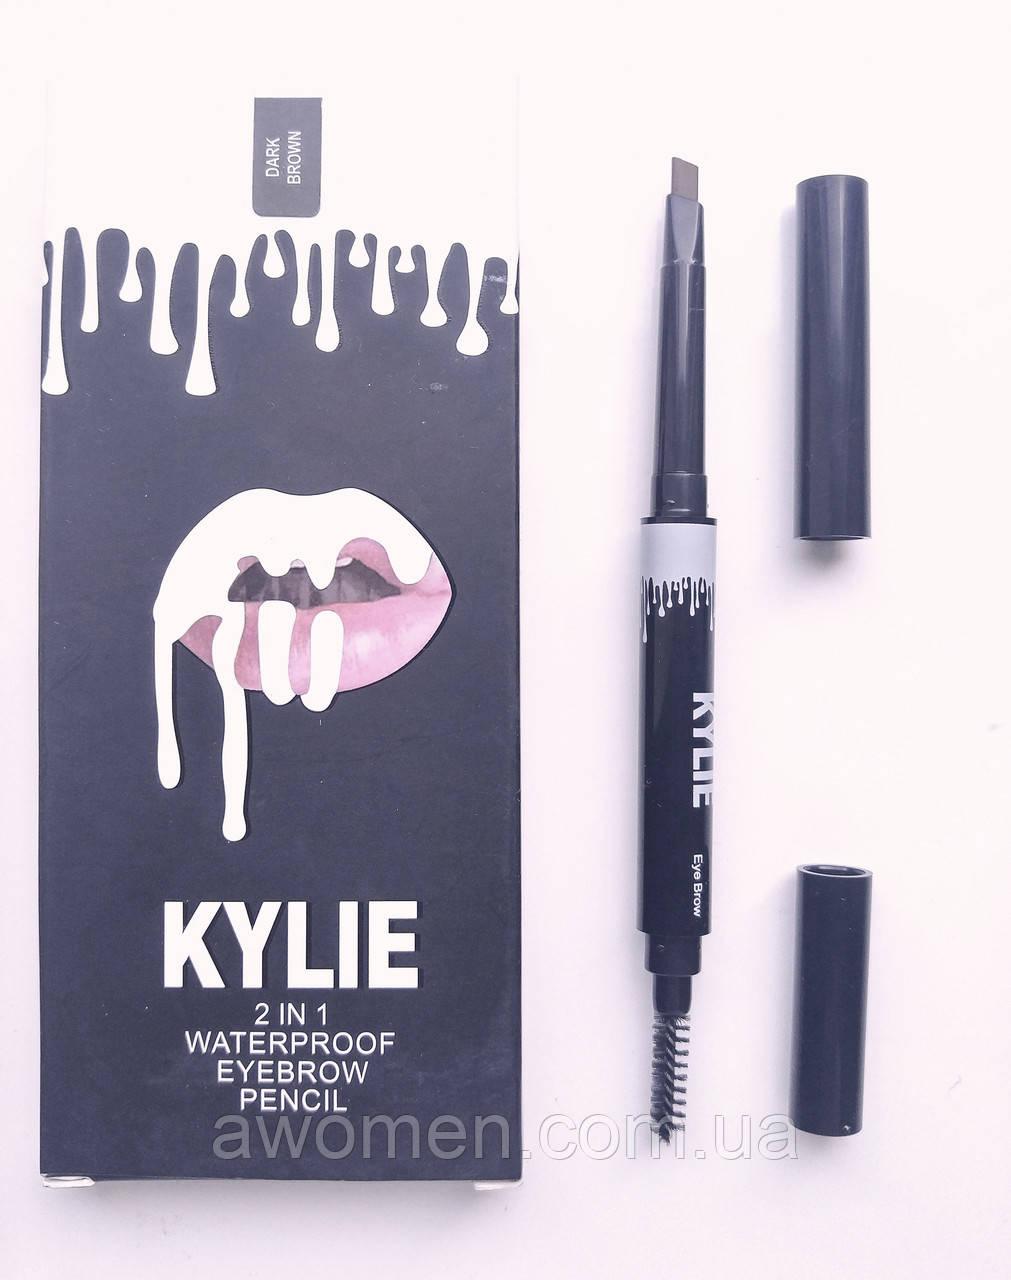 Карандаш для бровей KYLIE 2 in 1 Waterproof  eyebrow pencil (Dark Brown)